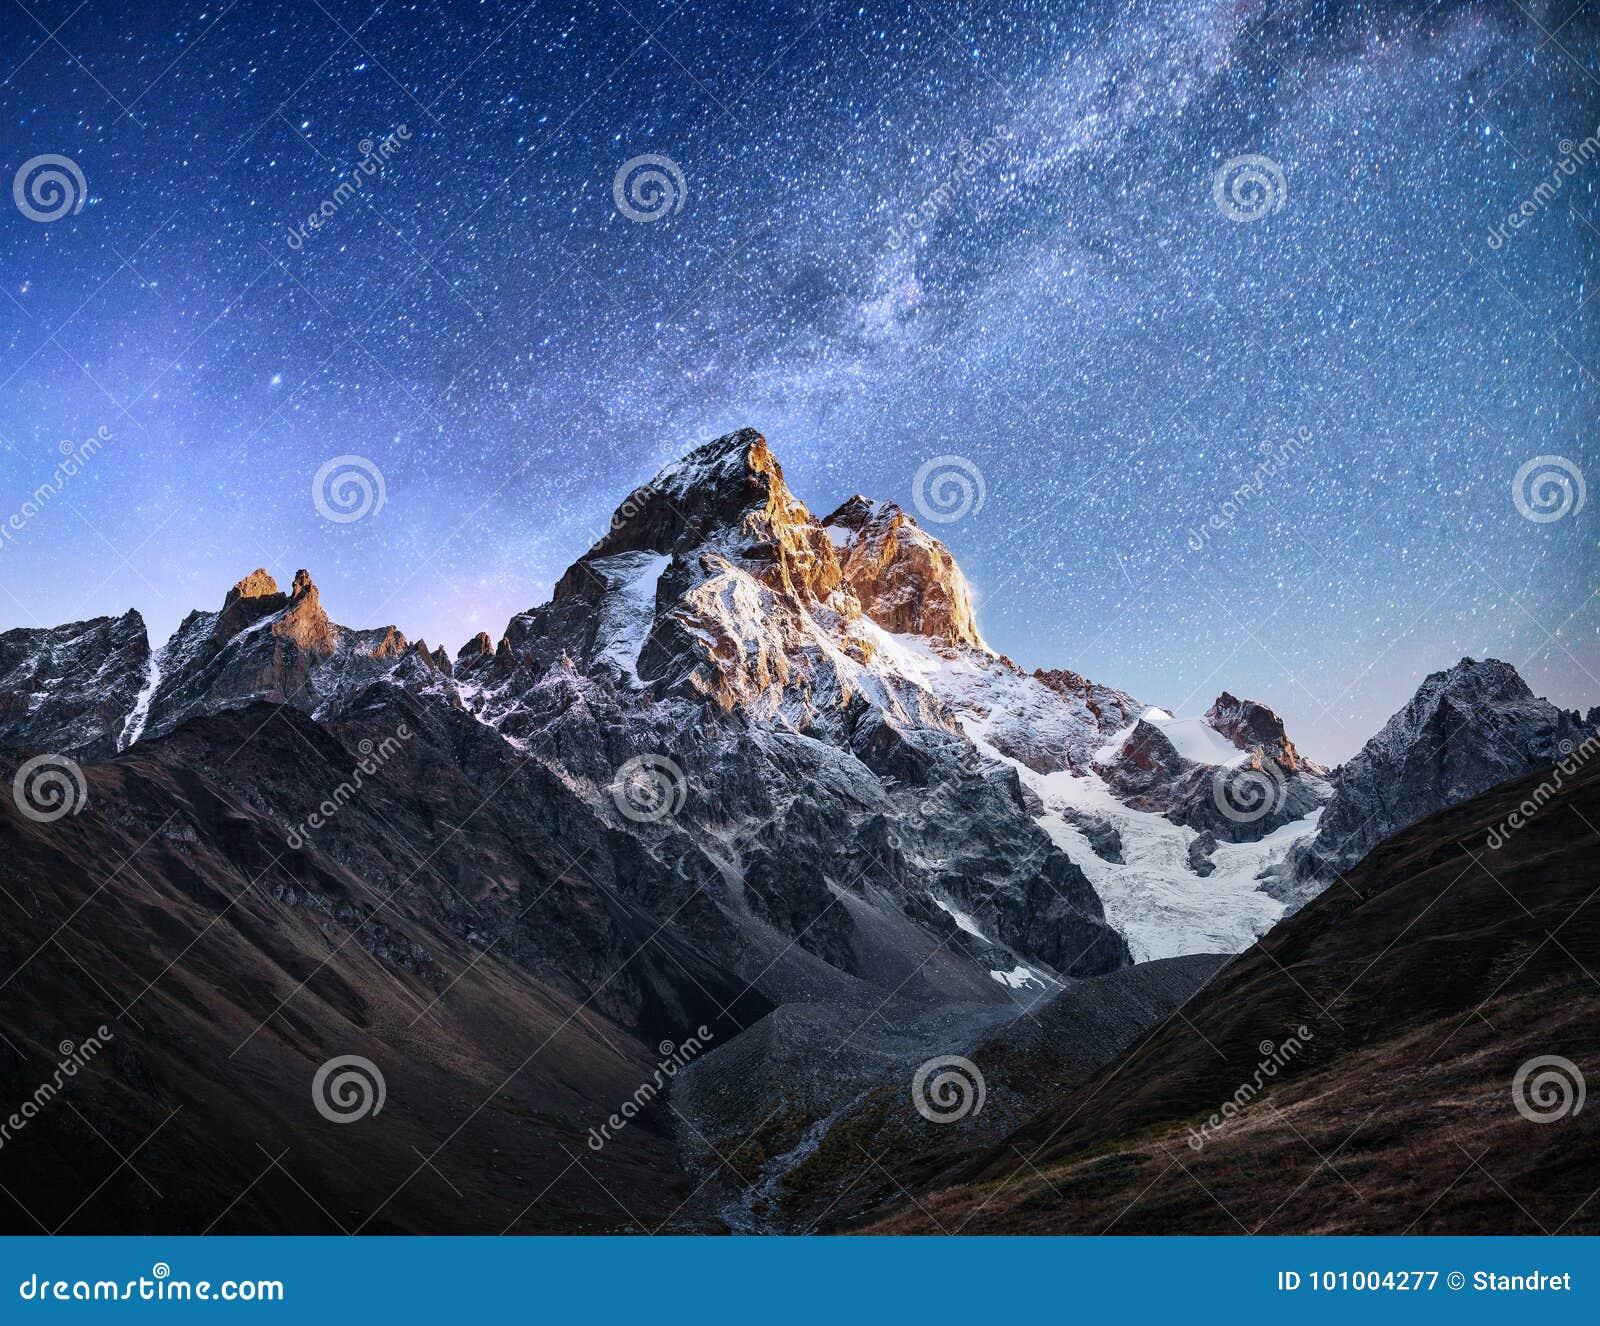 φανταστικός ουρανός έναστ Τοπίο φθινοπώρου και χιονοσκεπείς αιχμές Κύρια καυκάσια κορυφογραμμή Θέα βουνού από το υποστήριγμα U